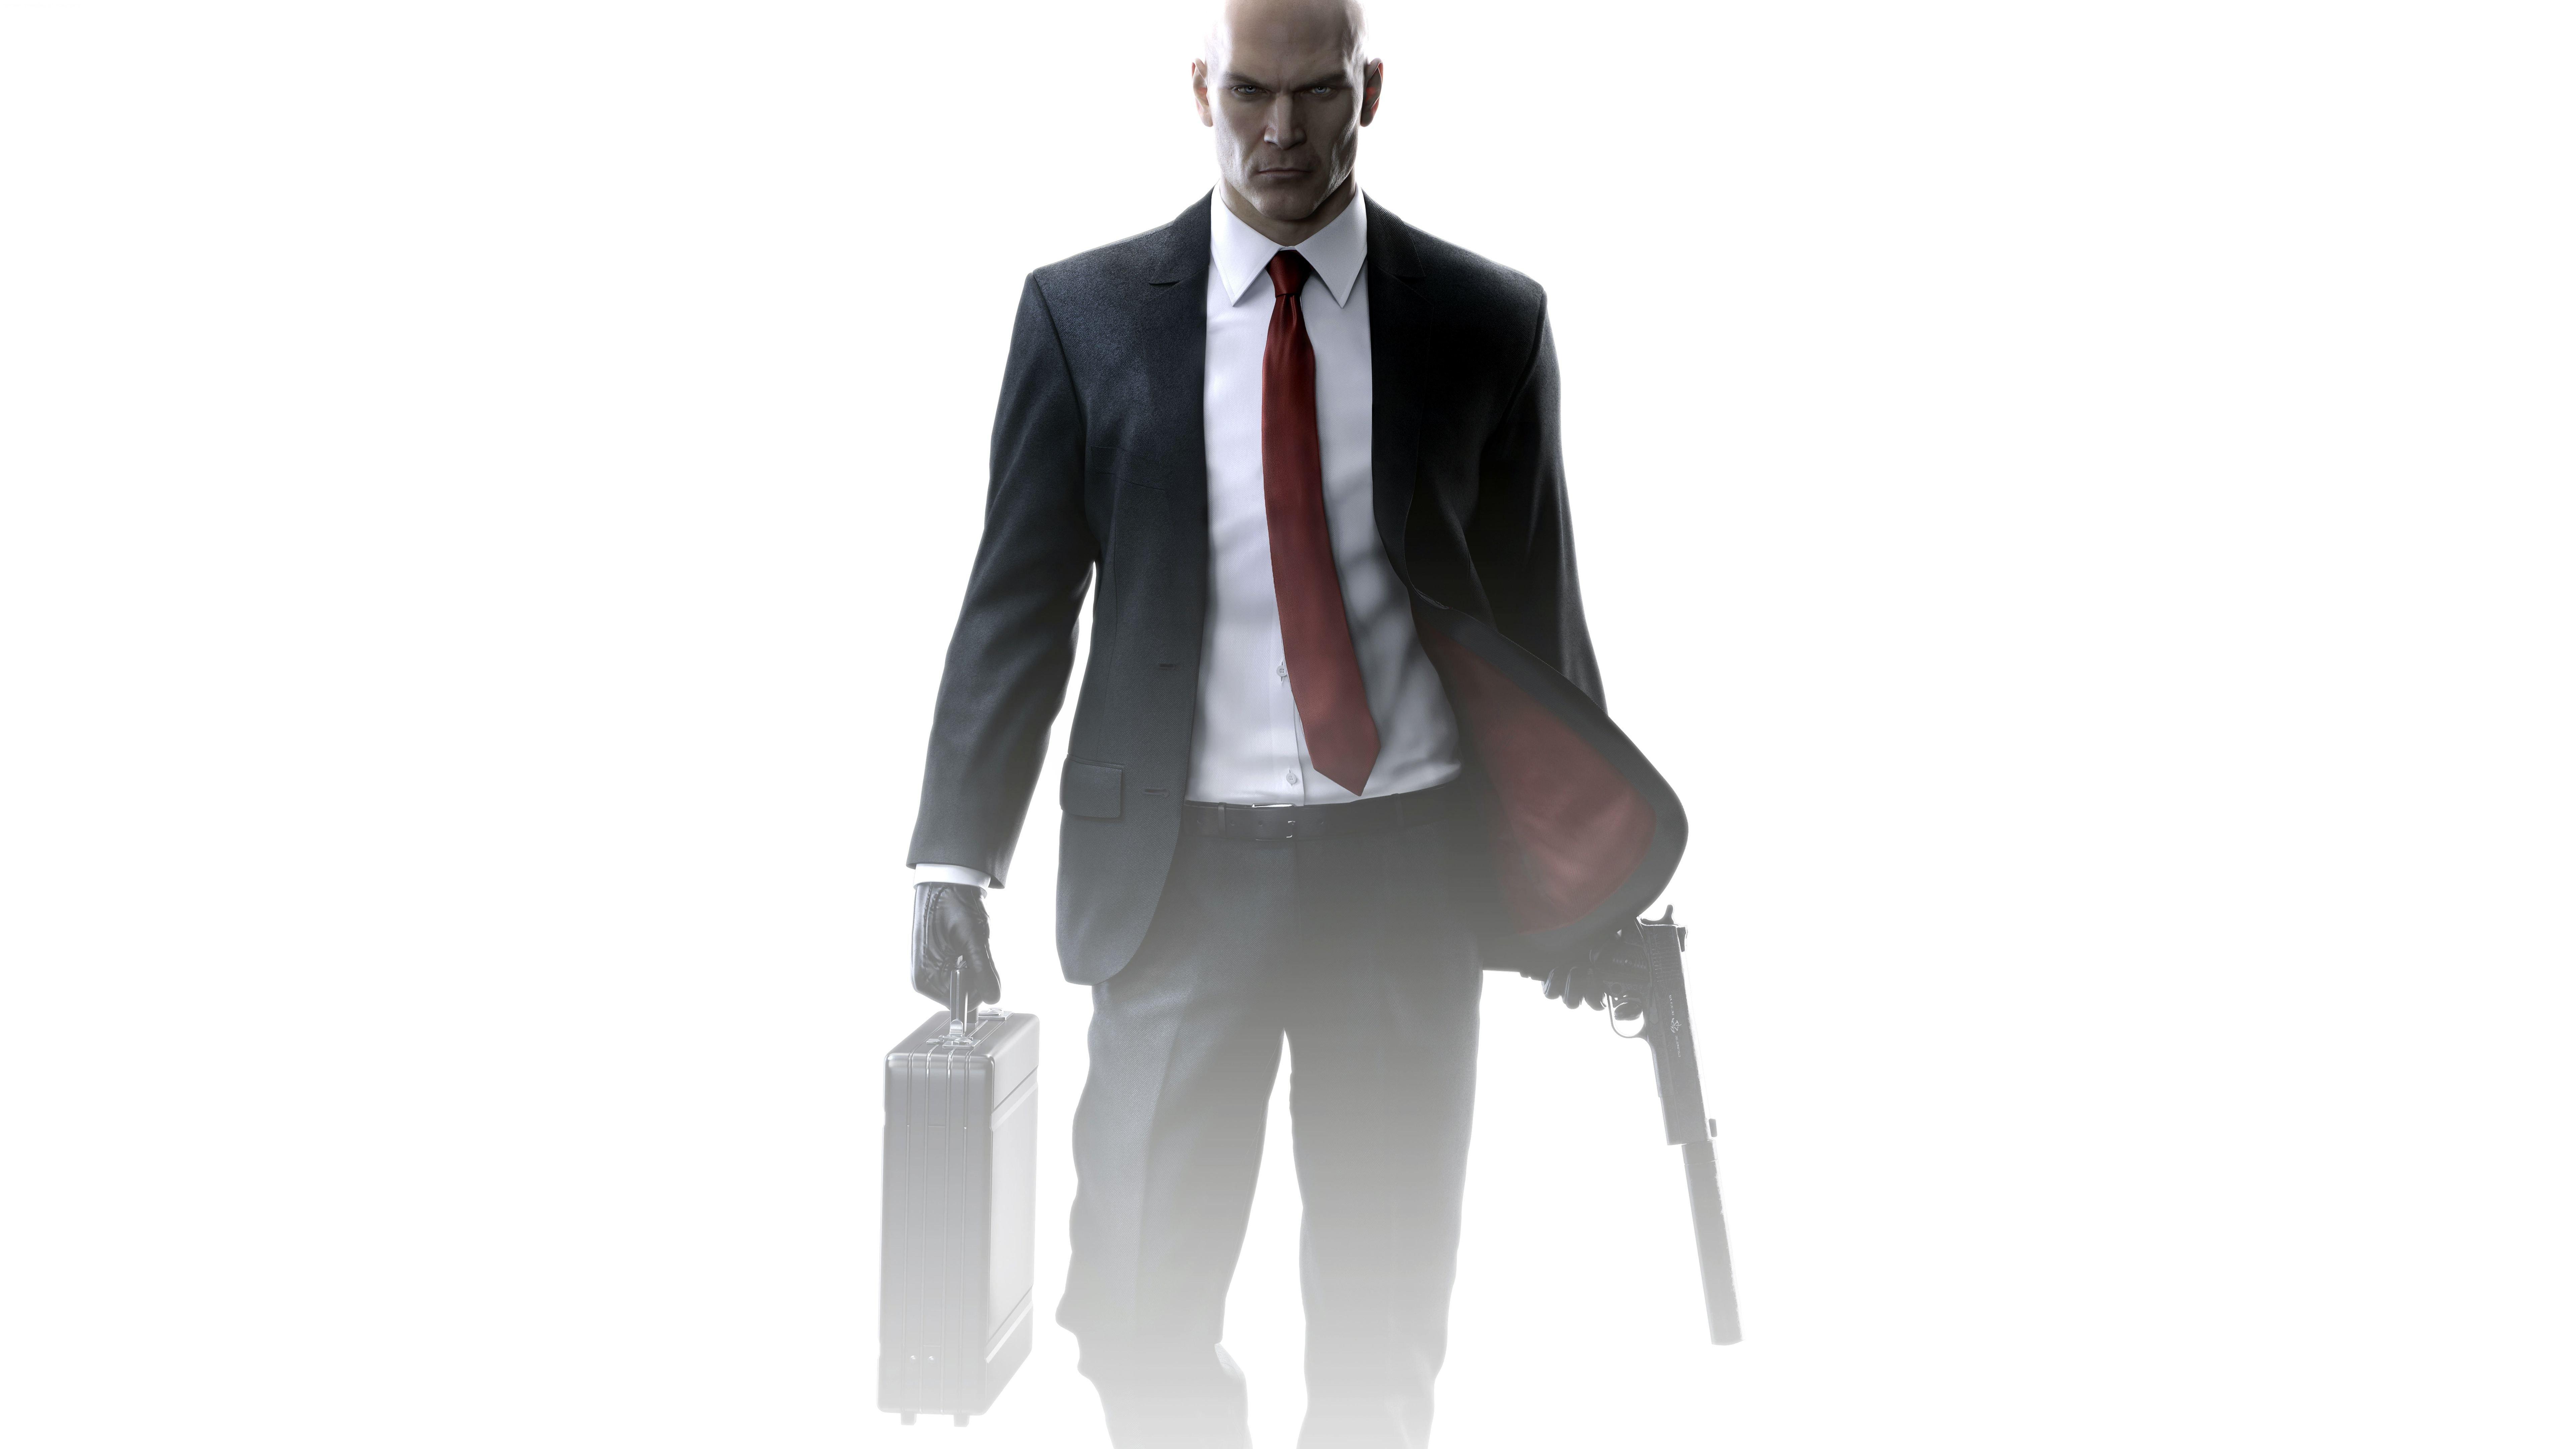 Hitman Agent 47 Quotes